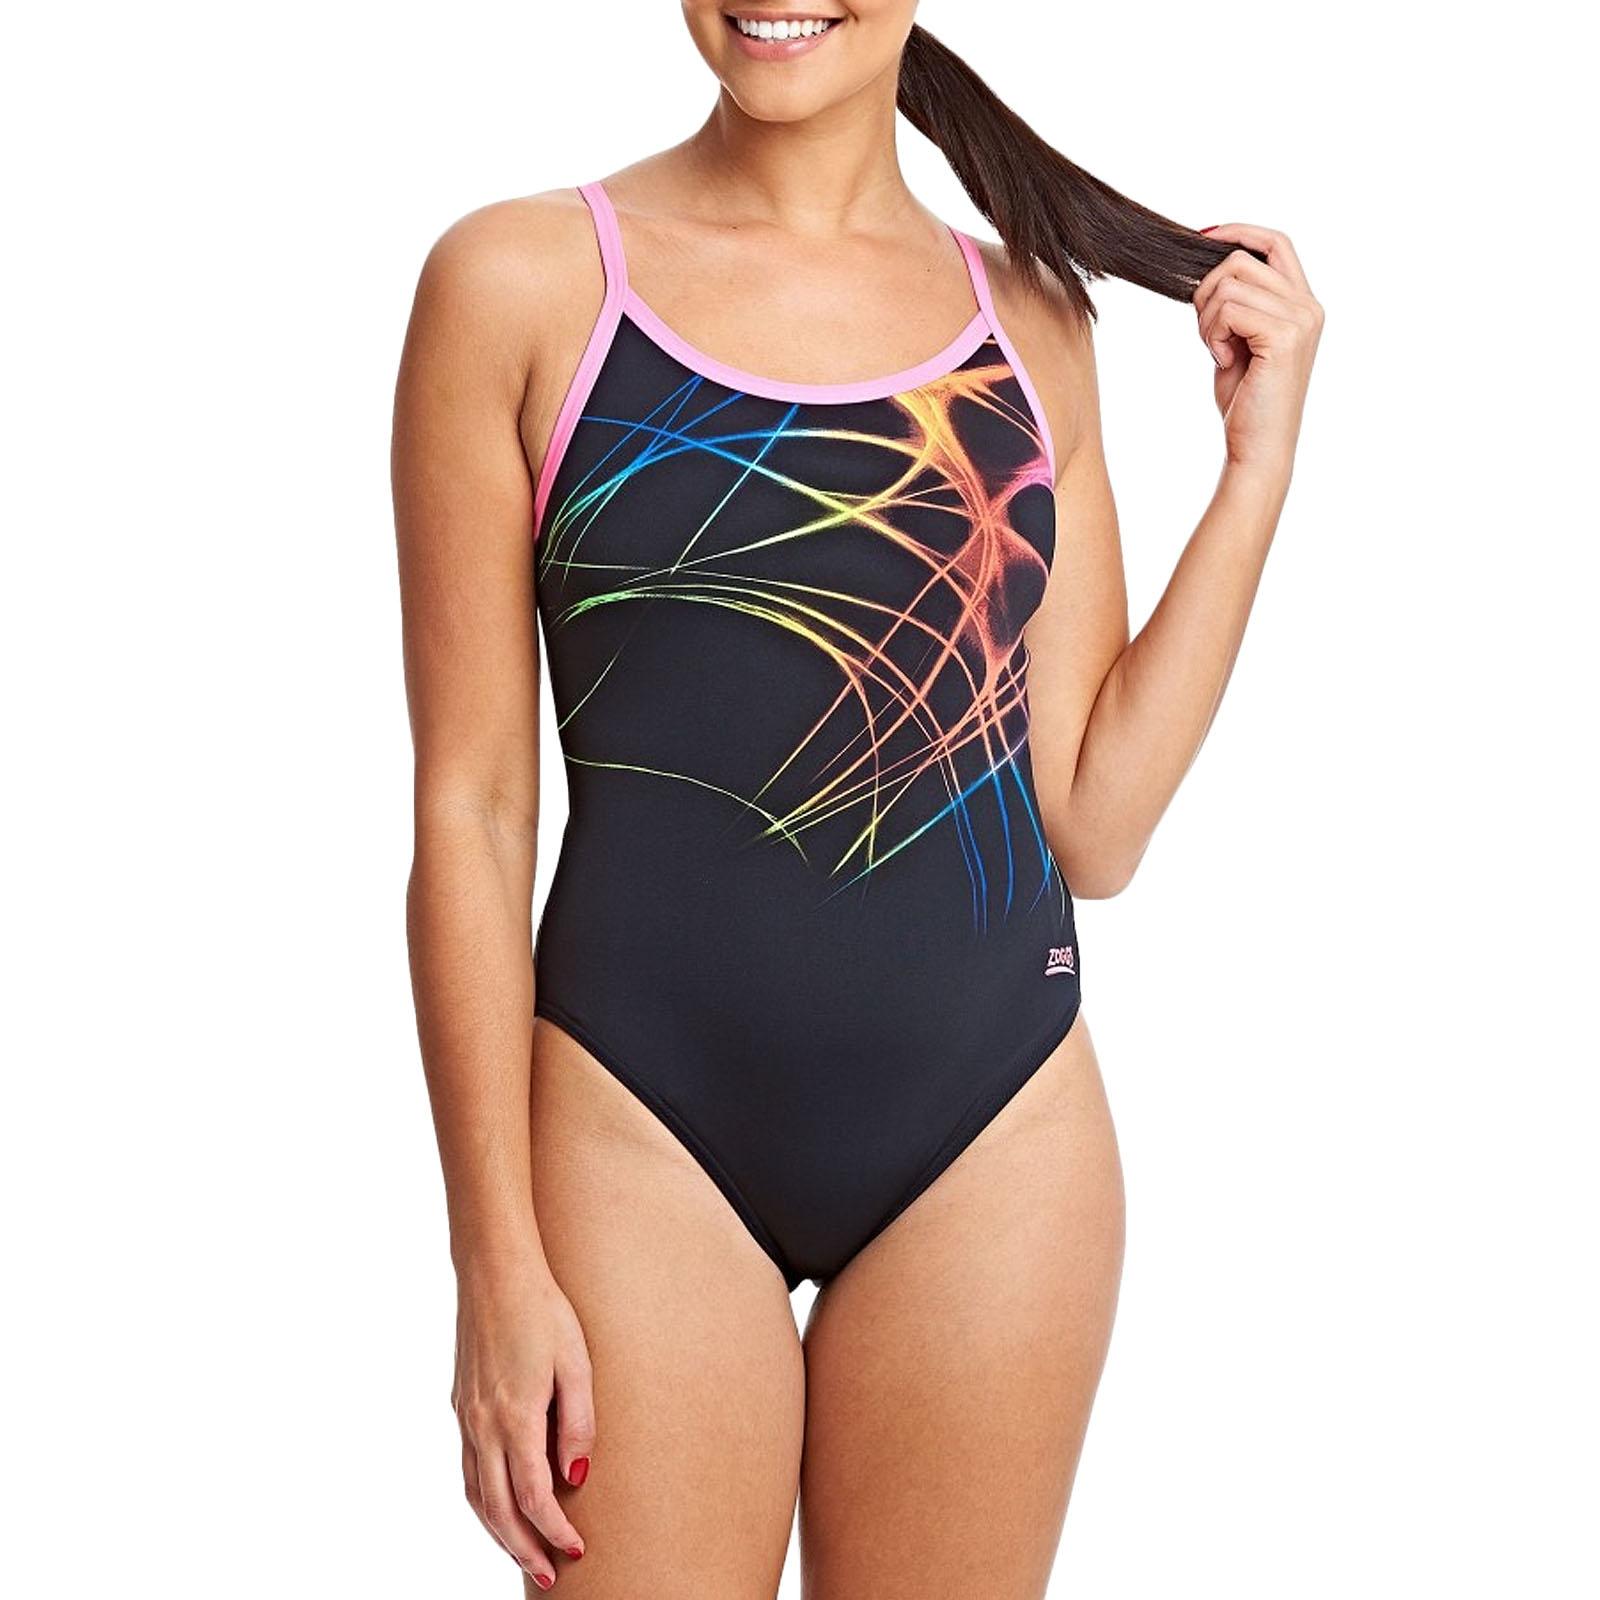 8UK Zoggs Womens Brighton Maternity Swimming Swim Costume One Piece Swimsuit